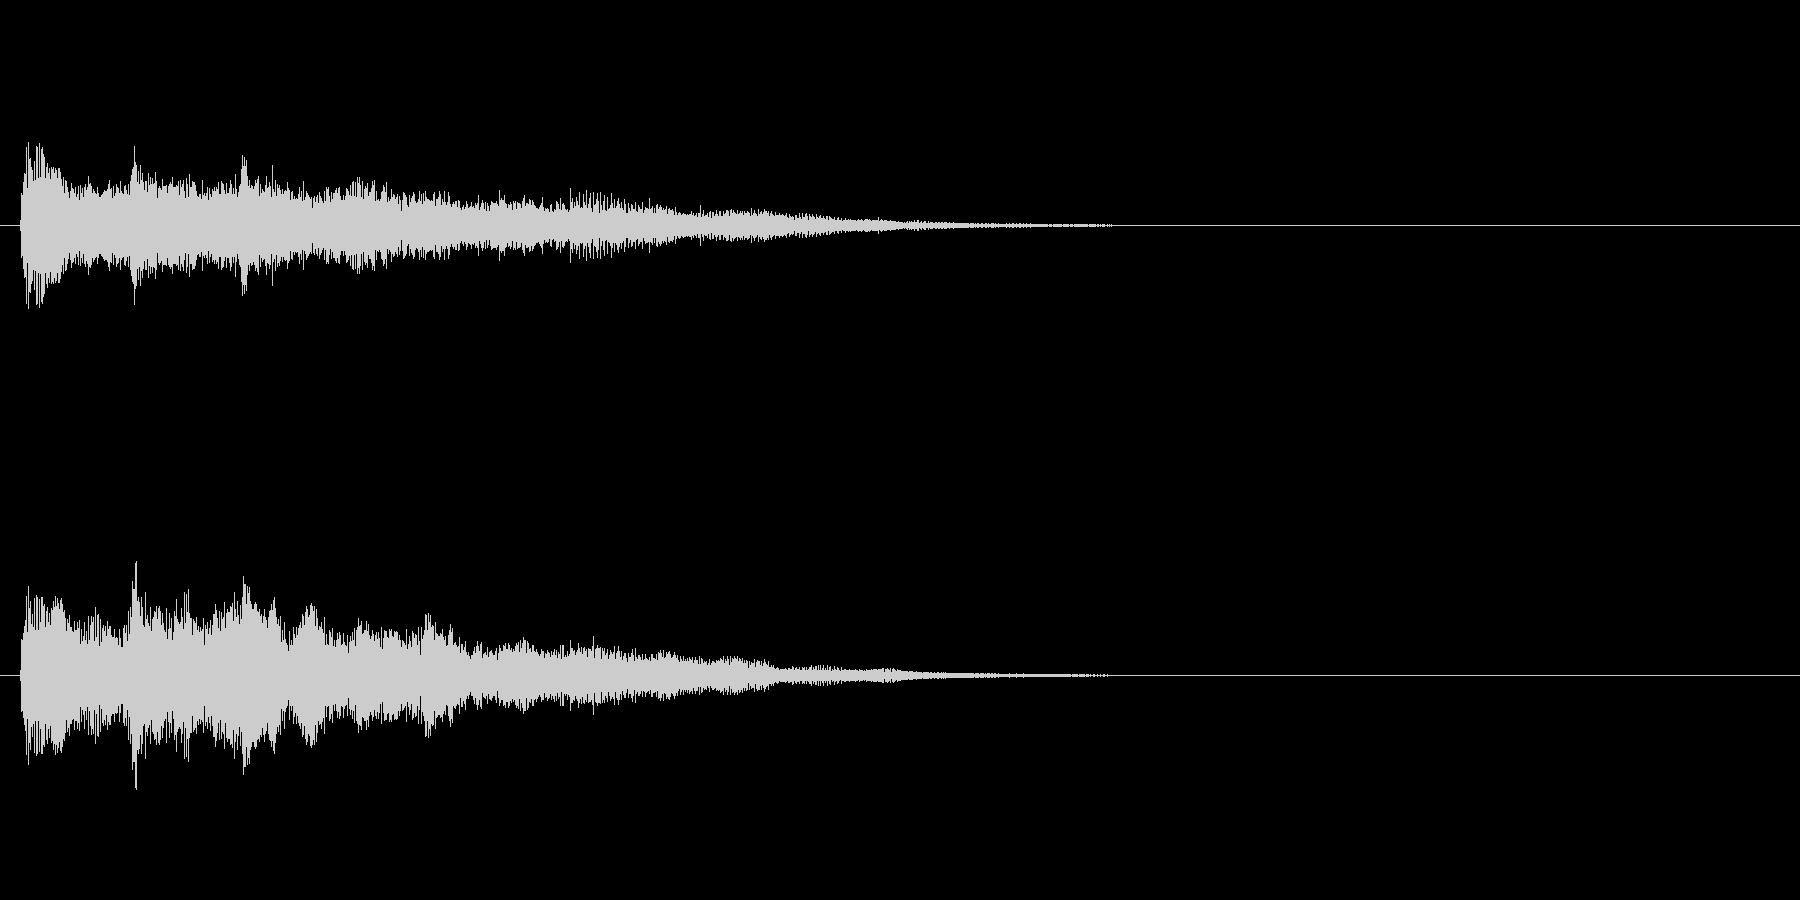 ジングル(ミステリアス風)の未再生の波形